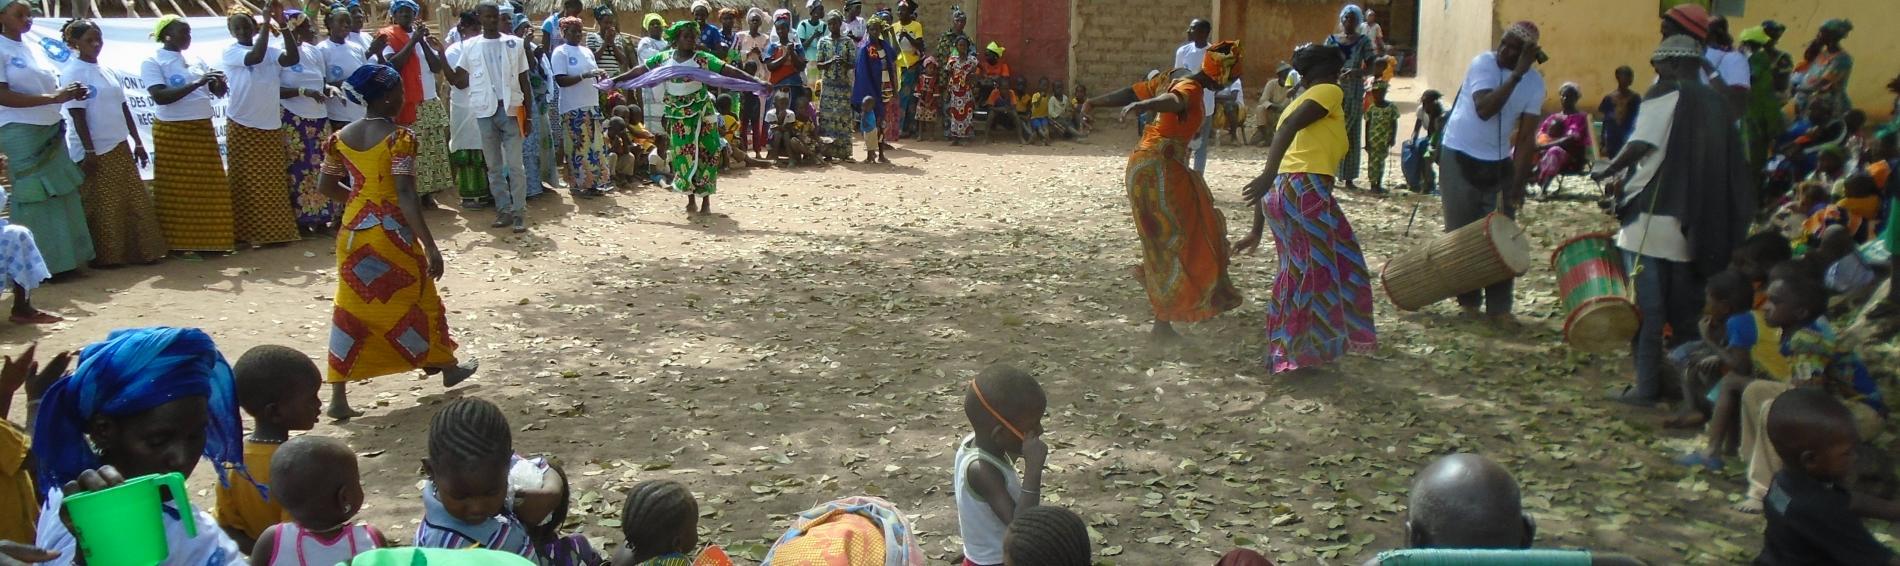 Celebración del Día de la Mujer en Malí